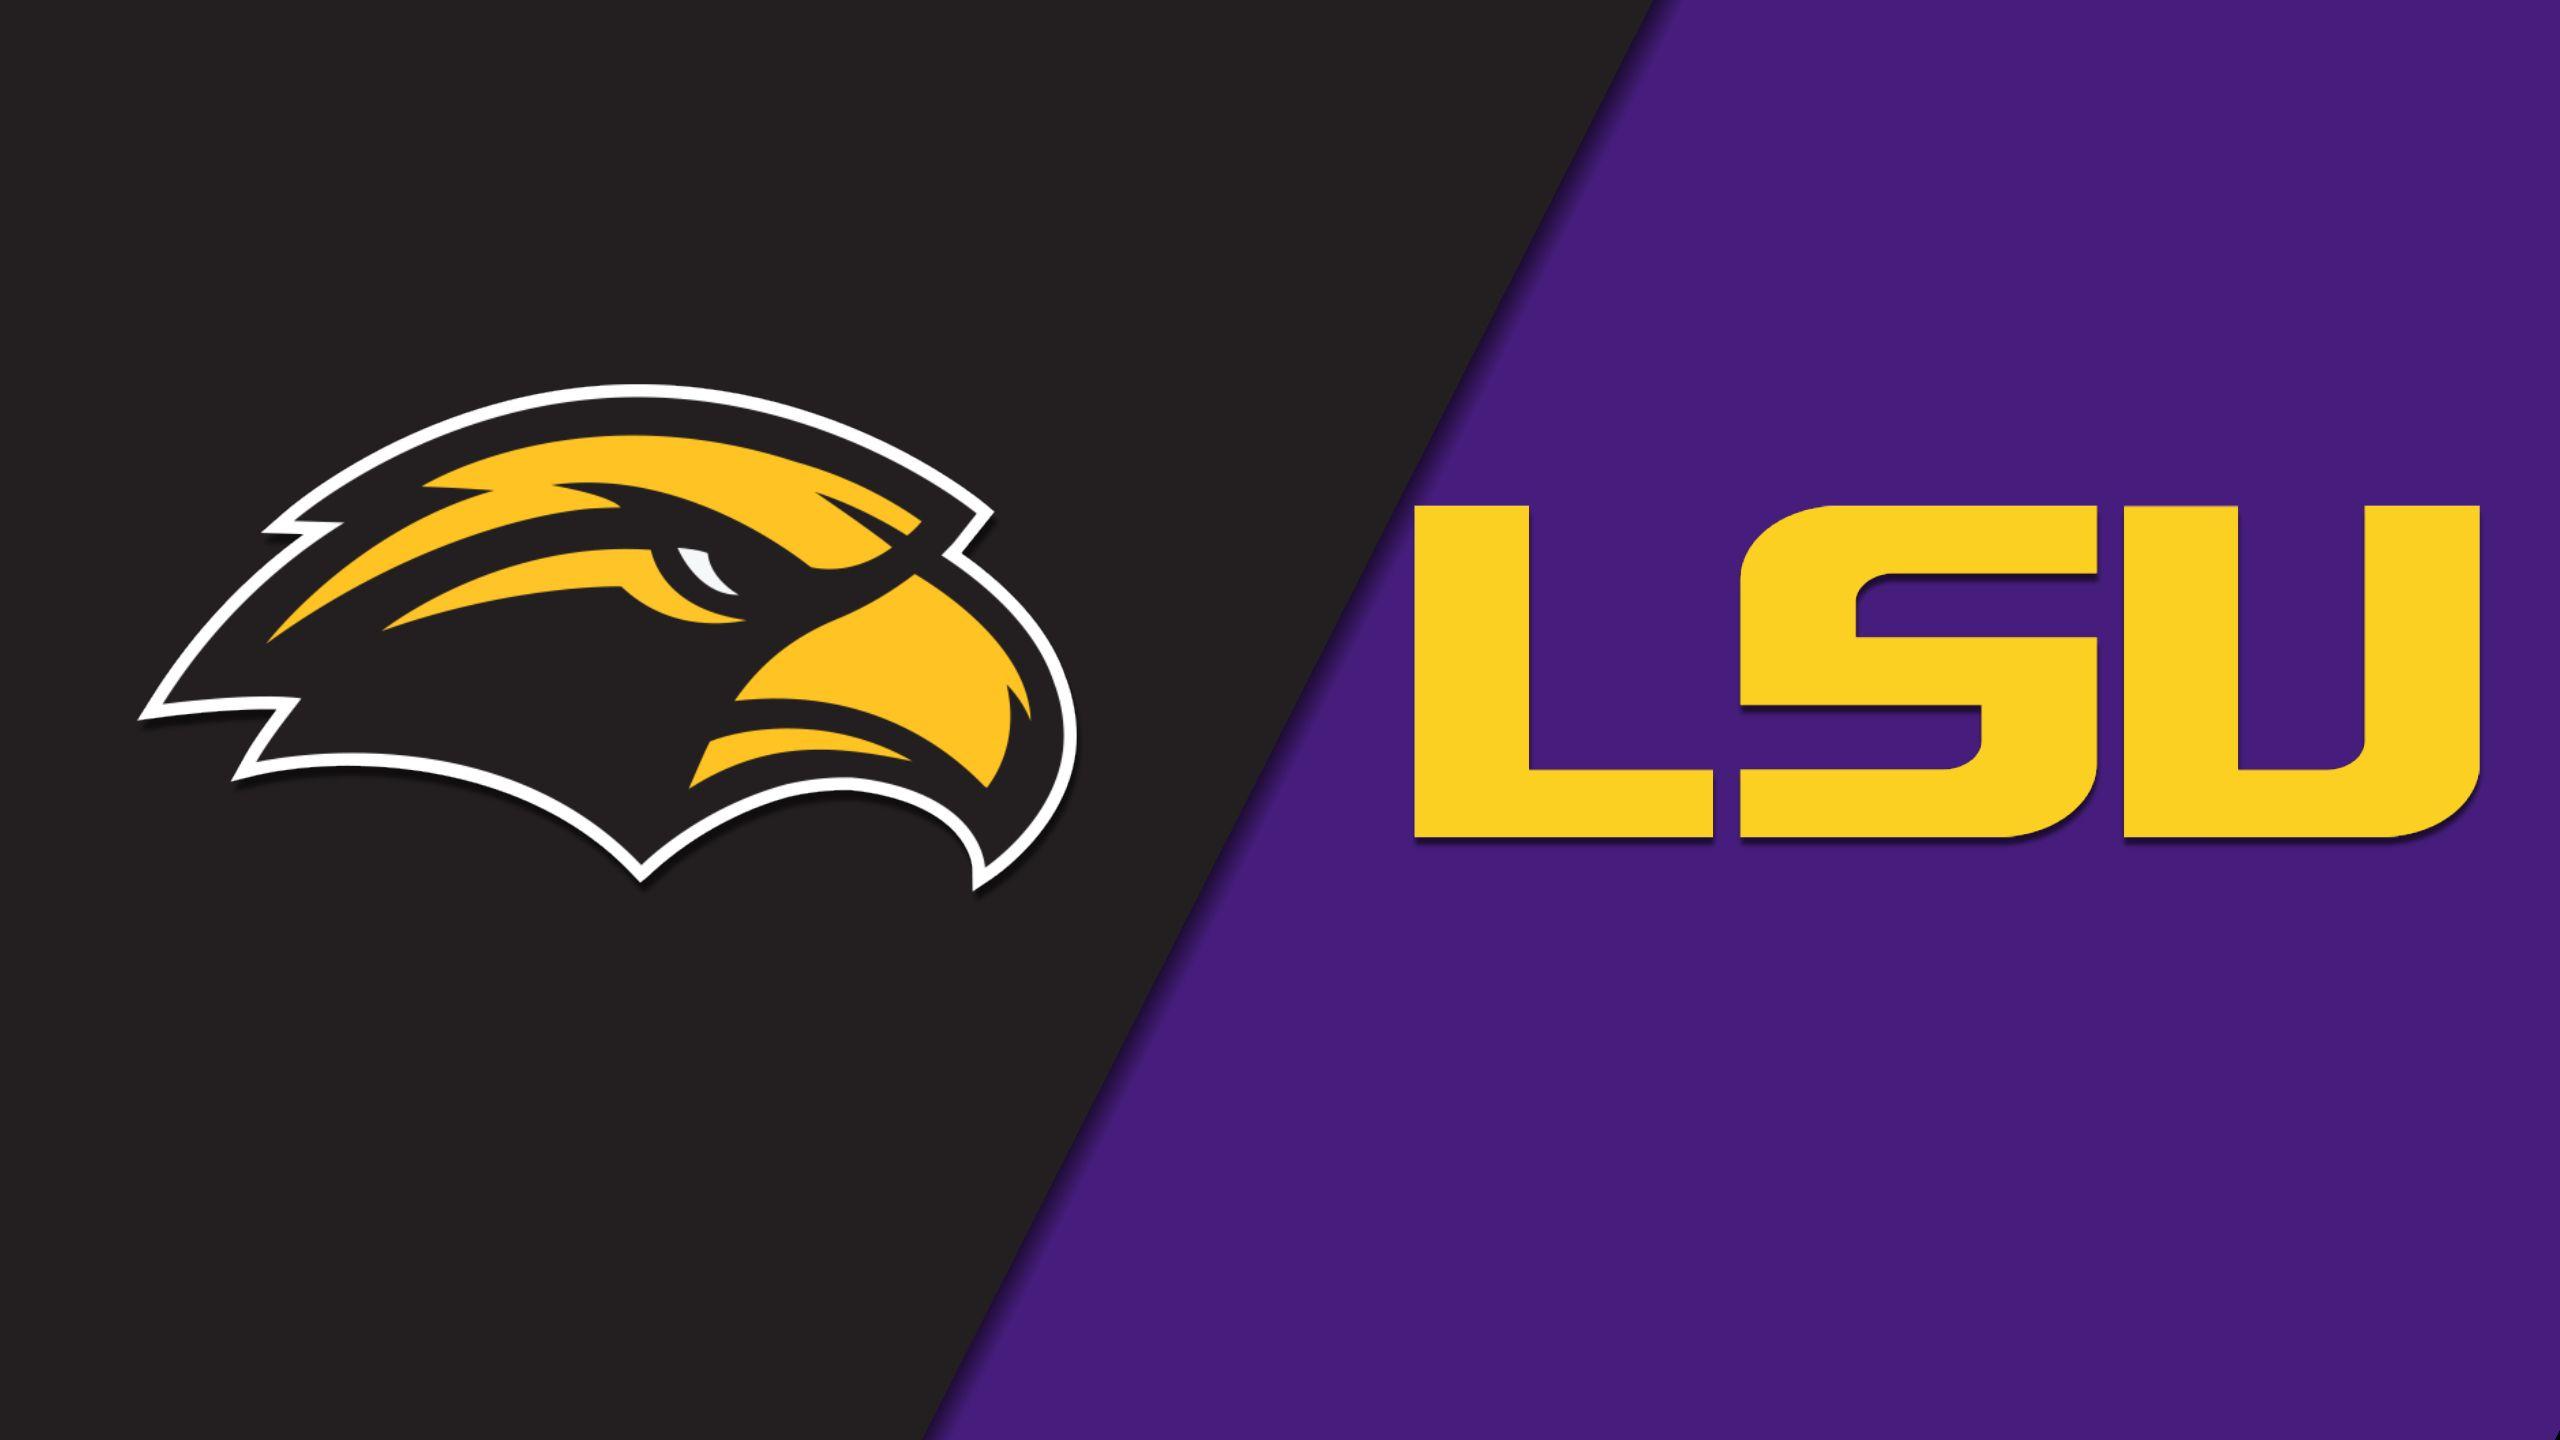 Southern Miss vs. #14 LSU (Softball)